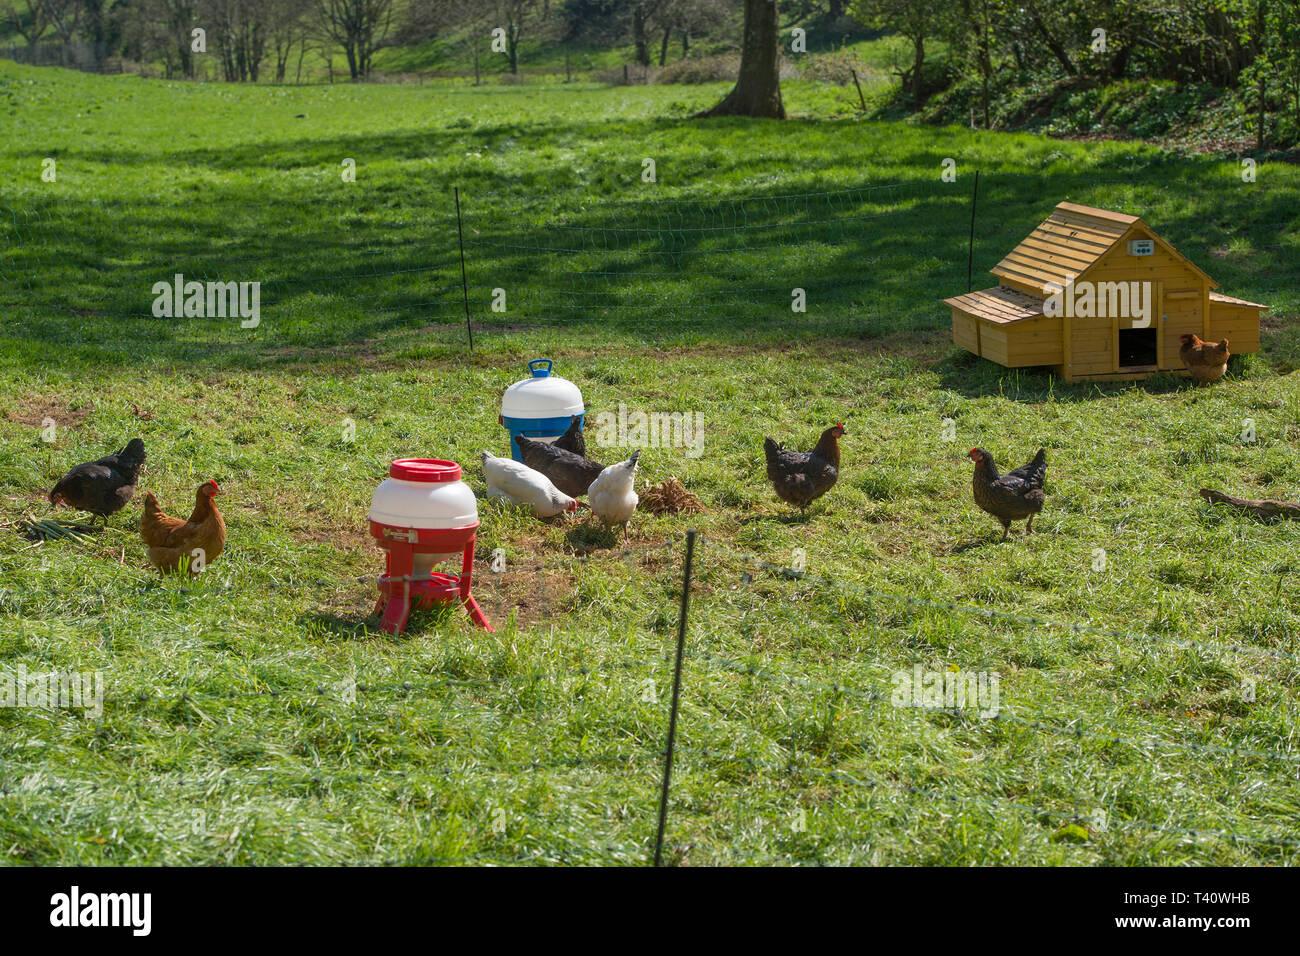 chicken run in garden - Stock Image